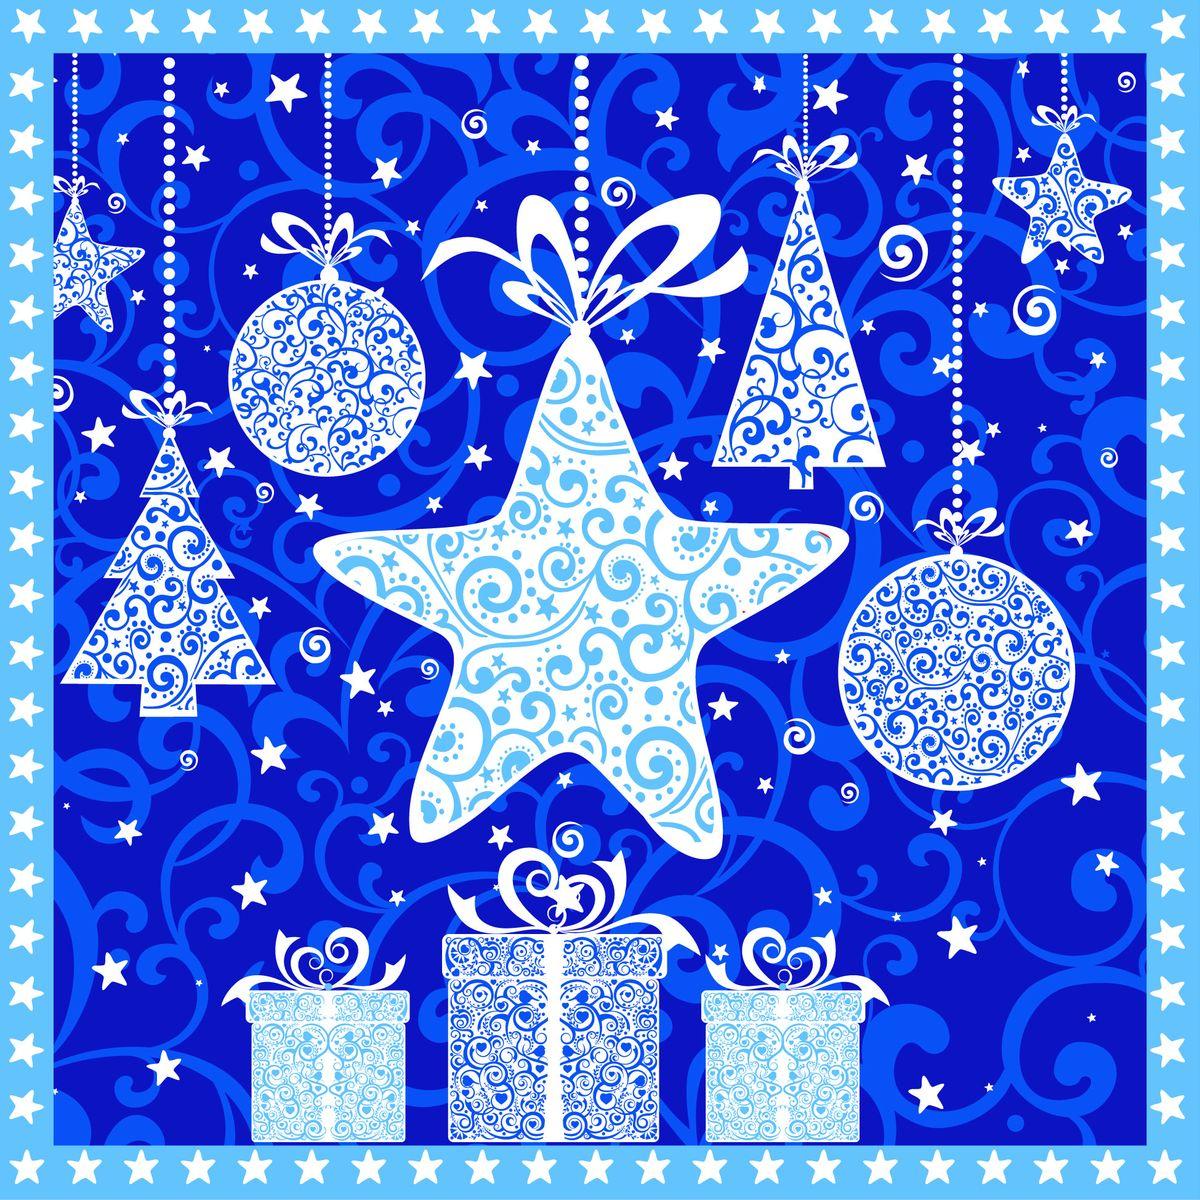 Салфетки бумажные Gratias Игрушки, цвет: синий, трехслойные, 33 х 33 см, 20 штIRK-503Трехслойные бумажные салфетки Gratias Игрушки, выполненные из натуральной целлюлозы, станут отличным дополнением любого праздничного стола. Они отличаются необычной мягкостью и прочностью. Размер листа: 33 х 33 см. Количество слоев: 3.